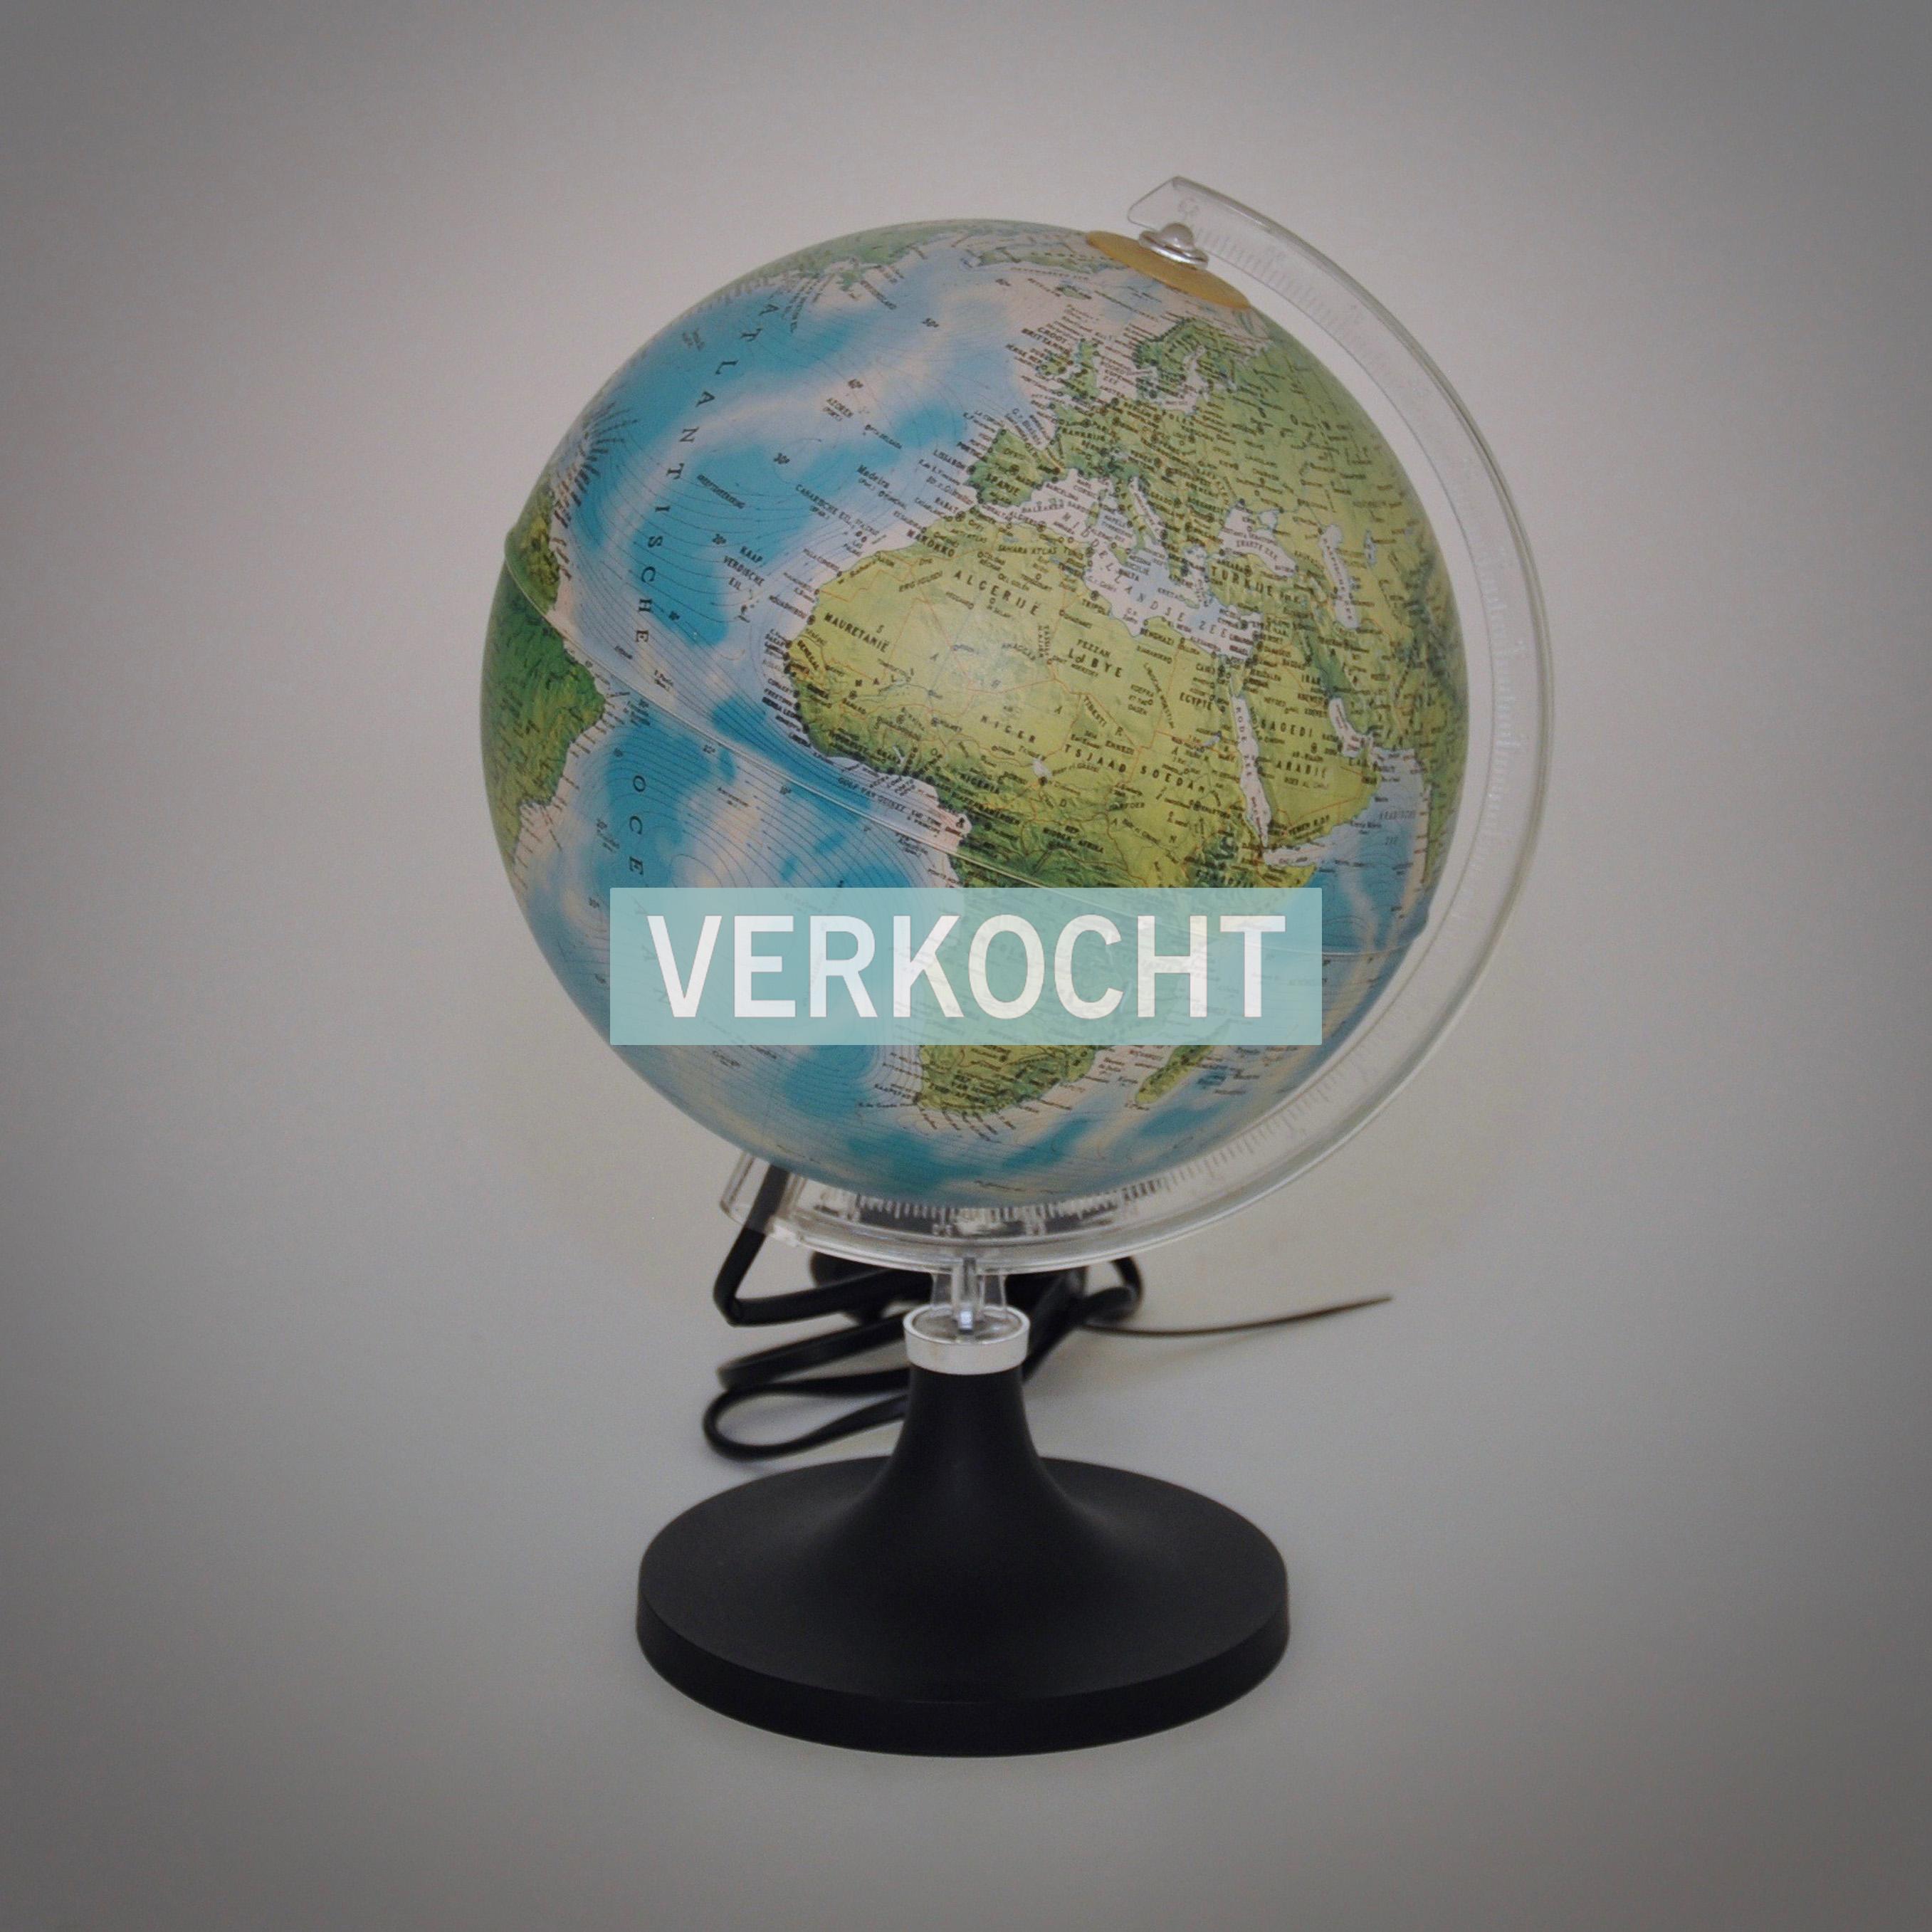 Vintage wereldbol lamp tafellamp bureaulamp globe